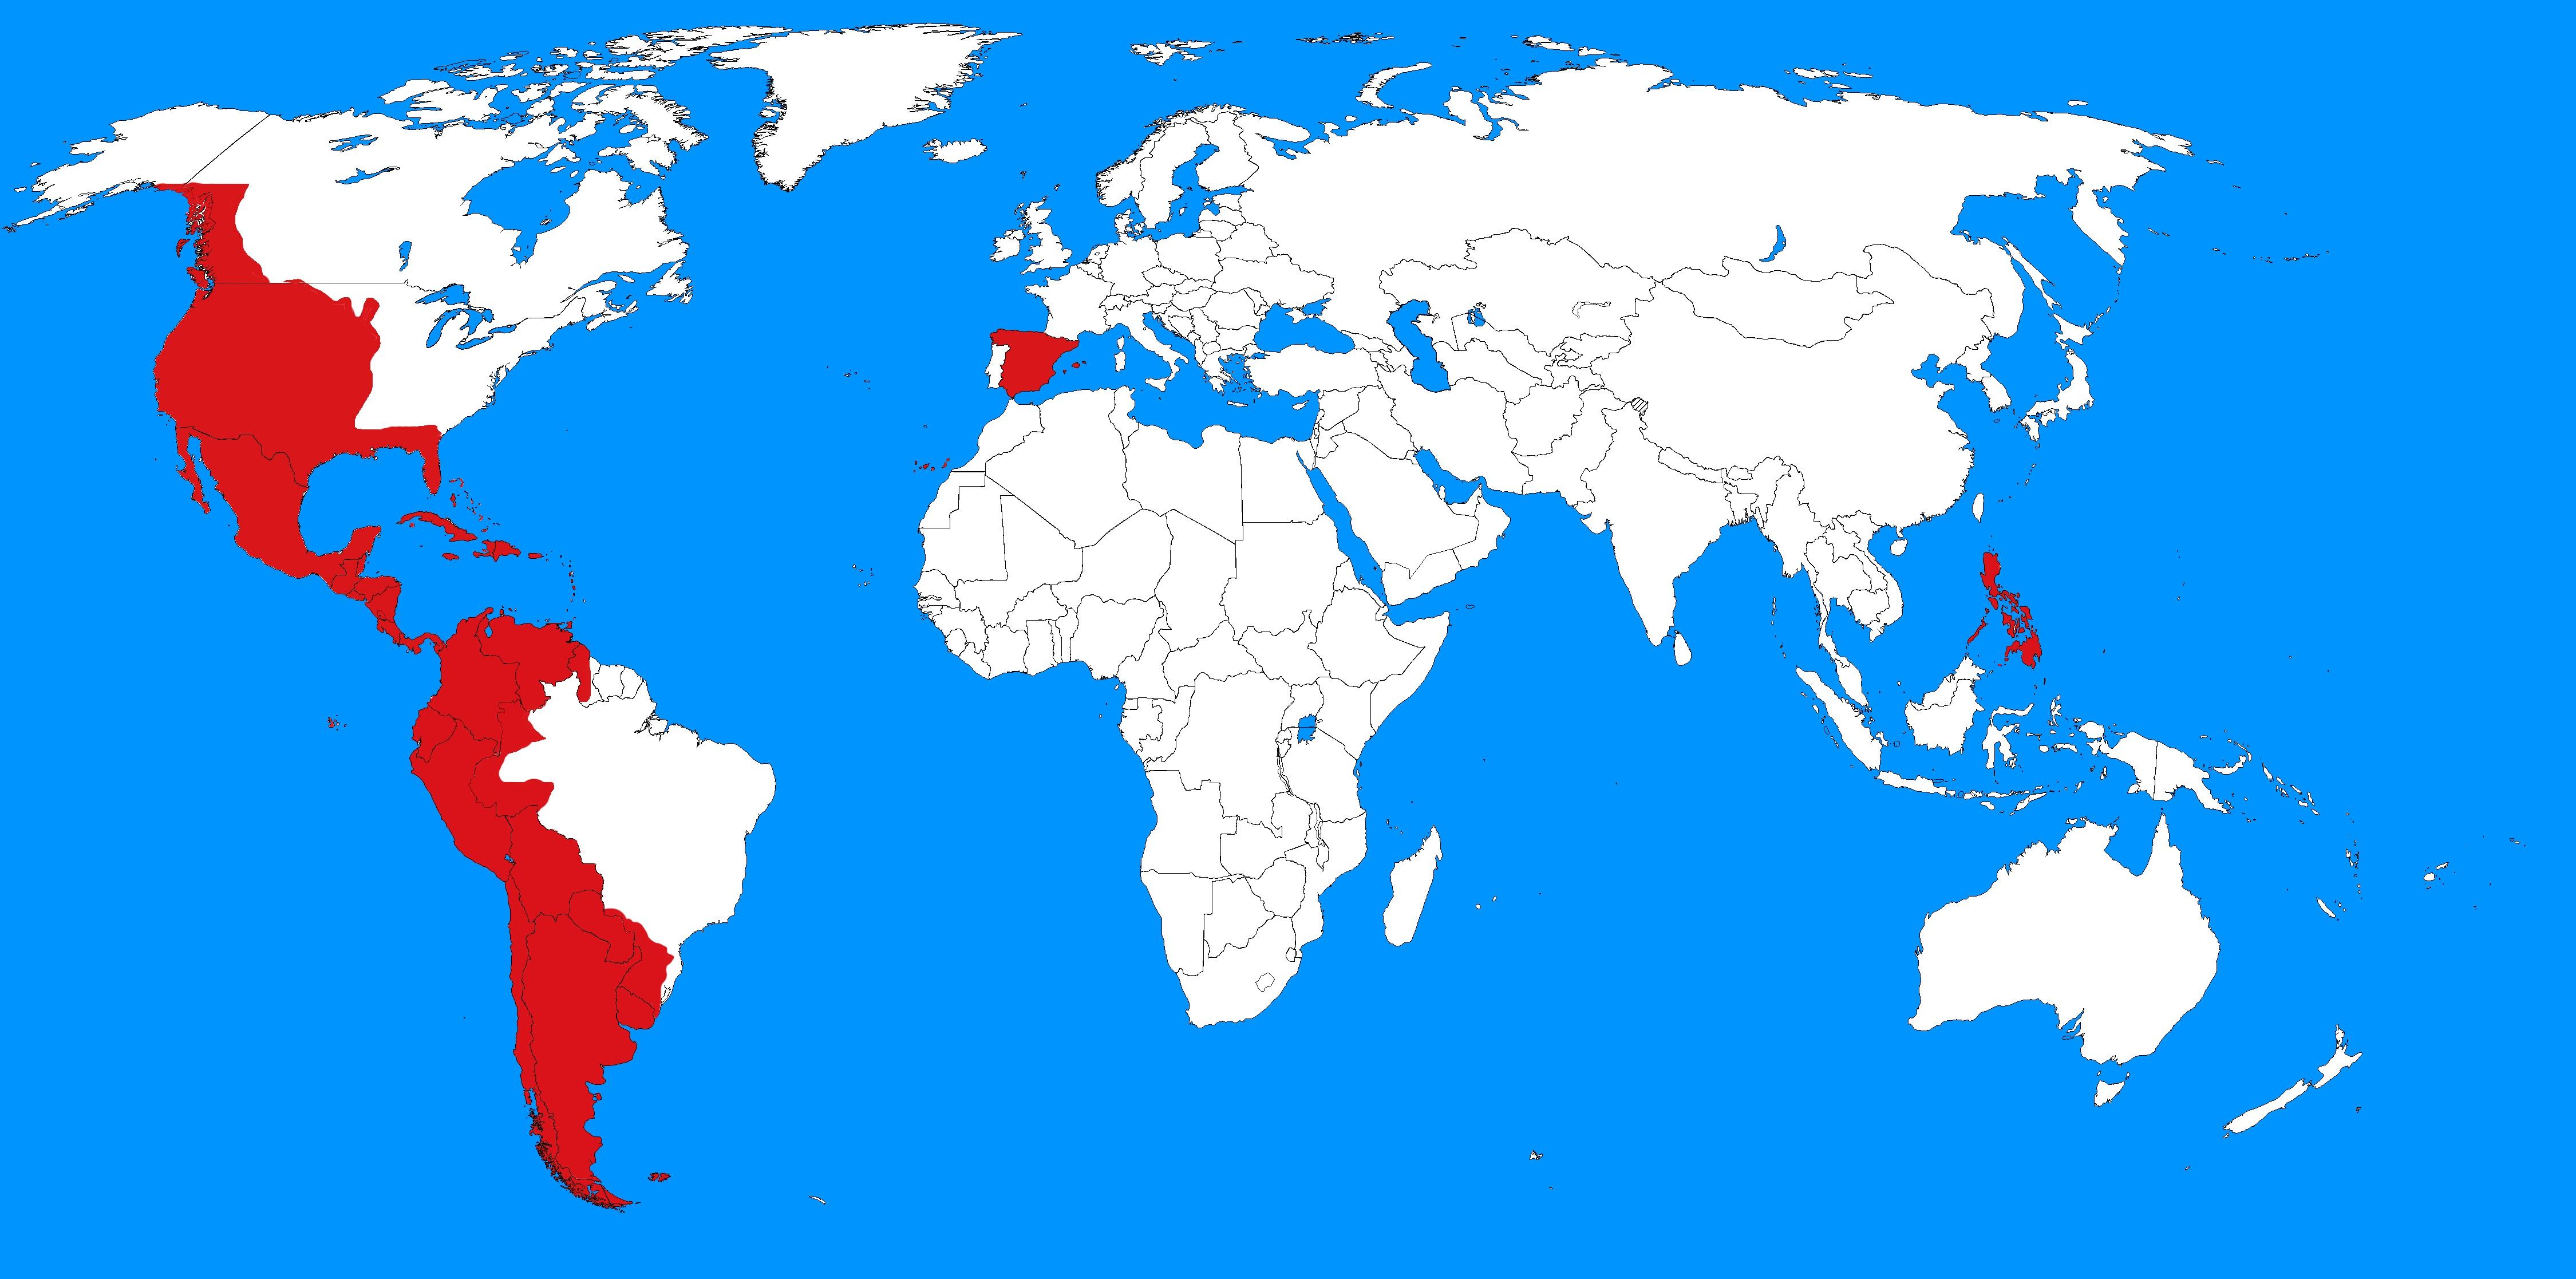 Imperio_espa%C3%B1ol_siglo_xviii.jpg